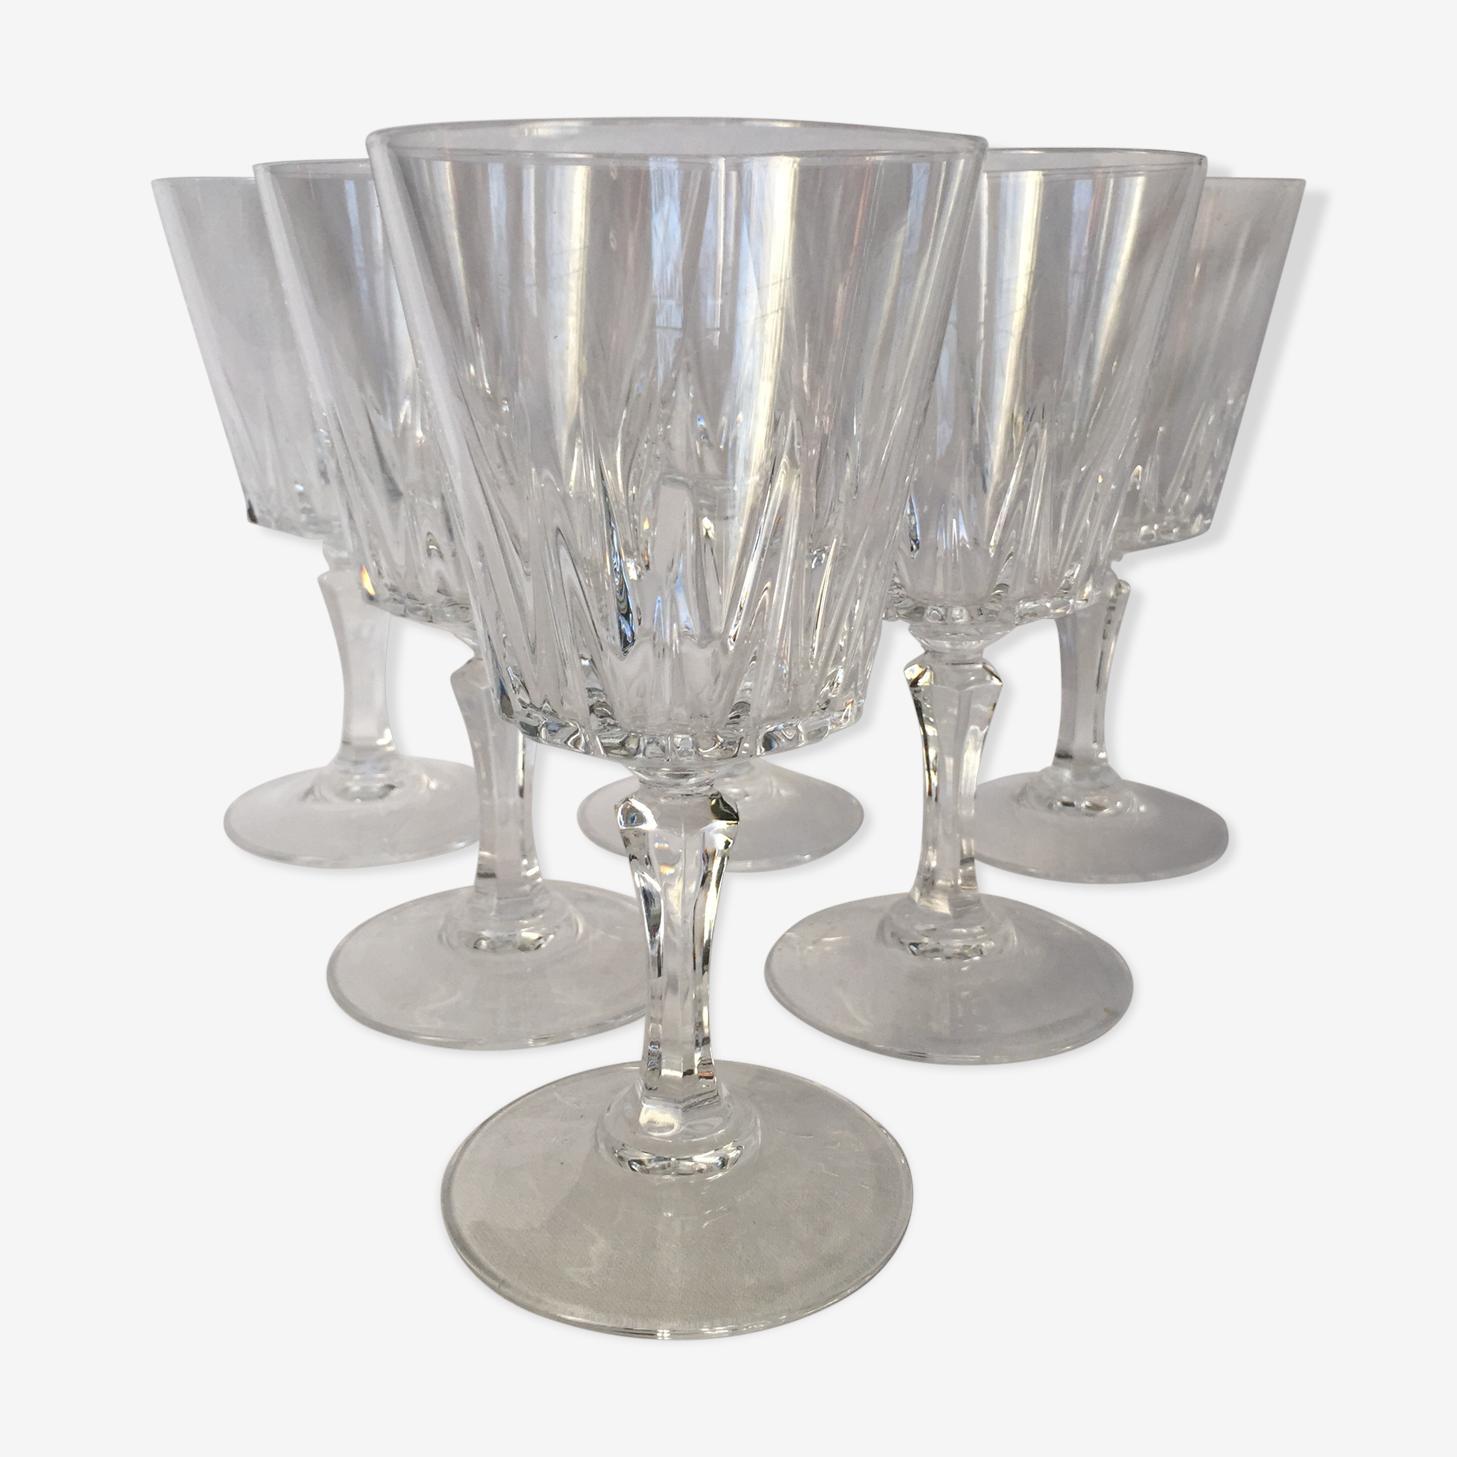 Set of 6 glasses cut crystal